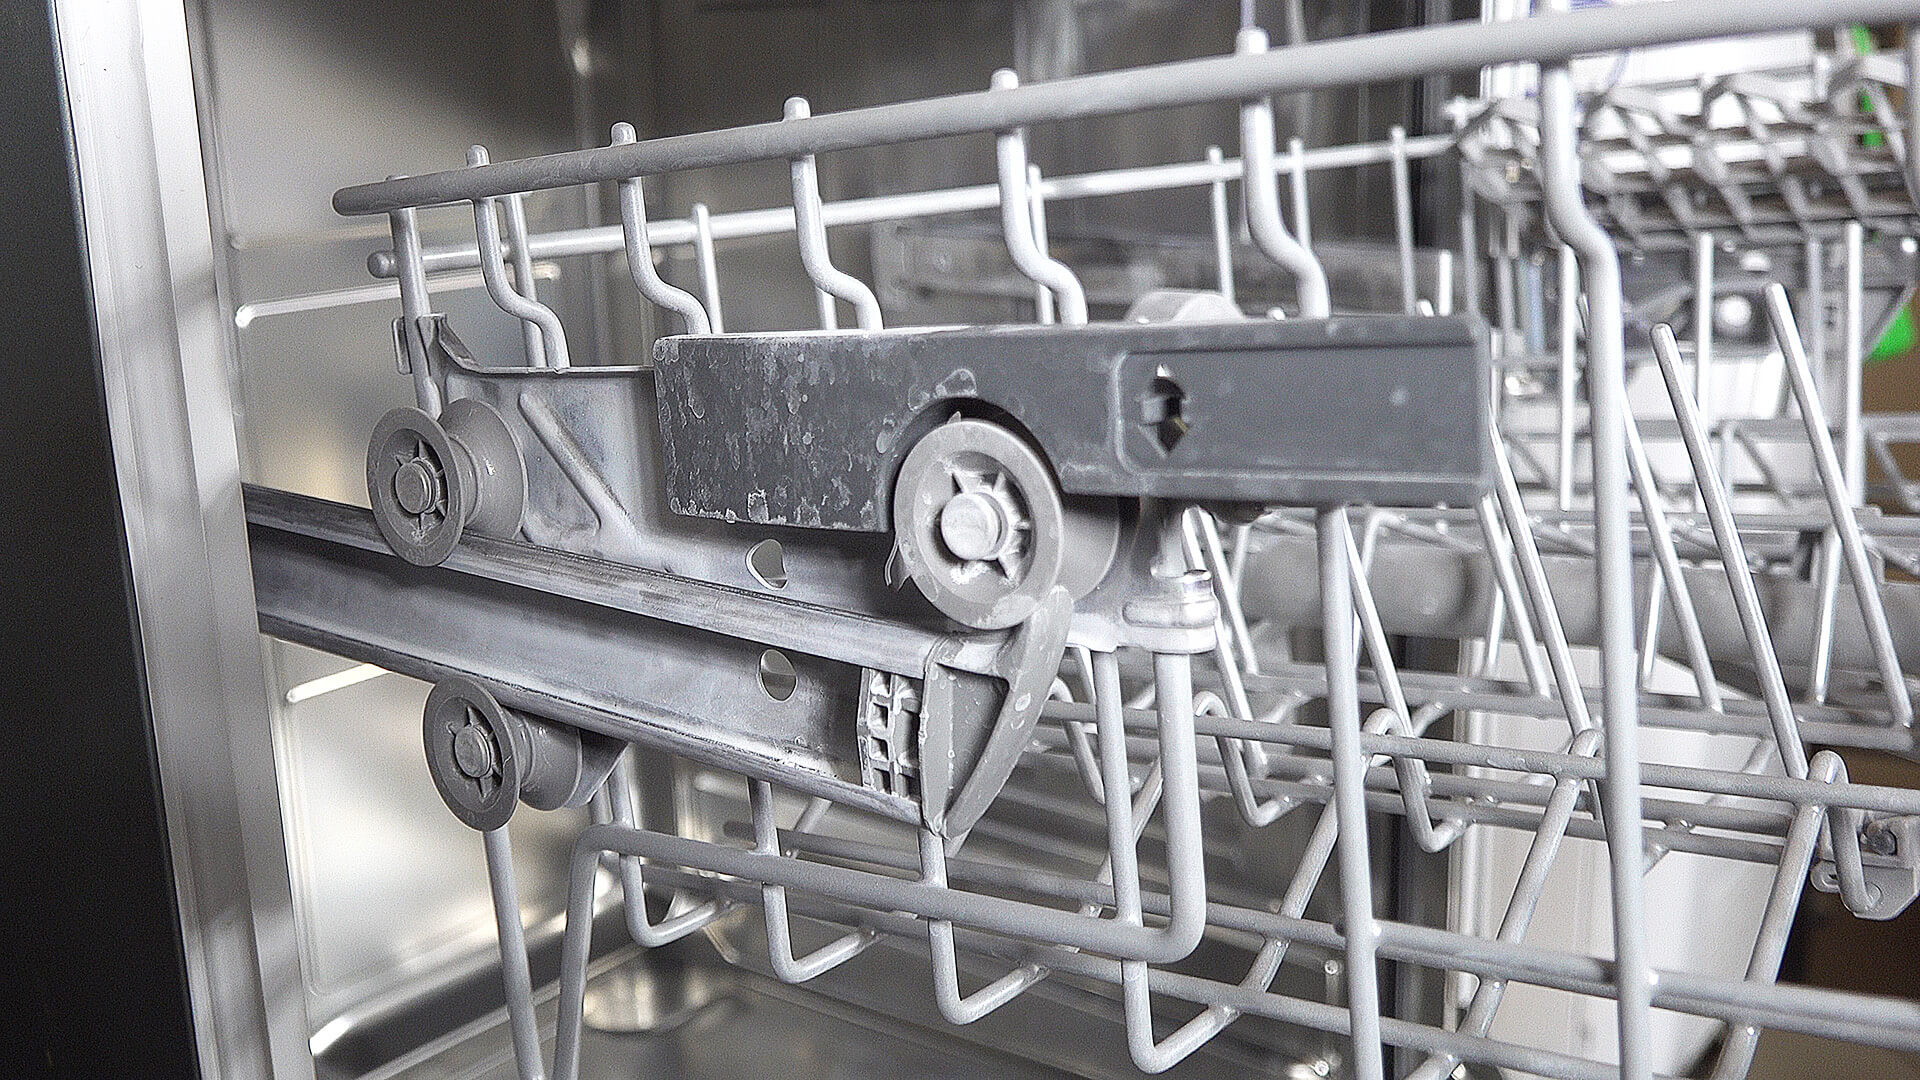 Spülmaschine: Weißer Belag – Salzrückstände oder Kalk?